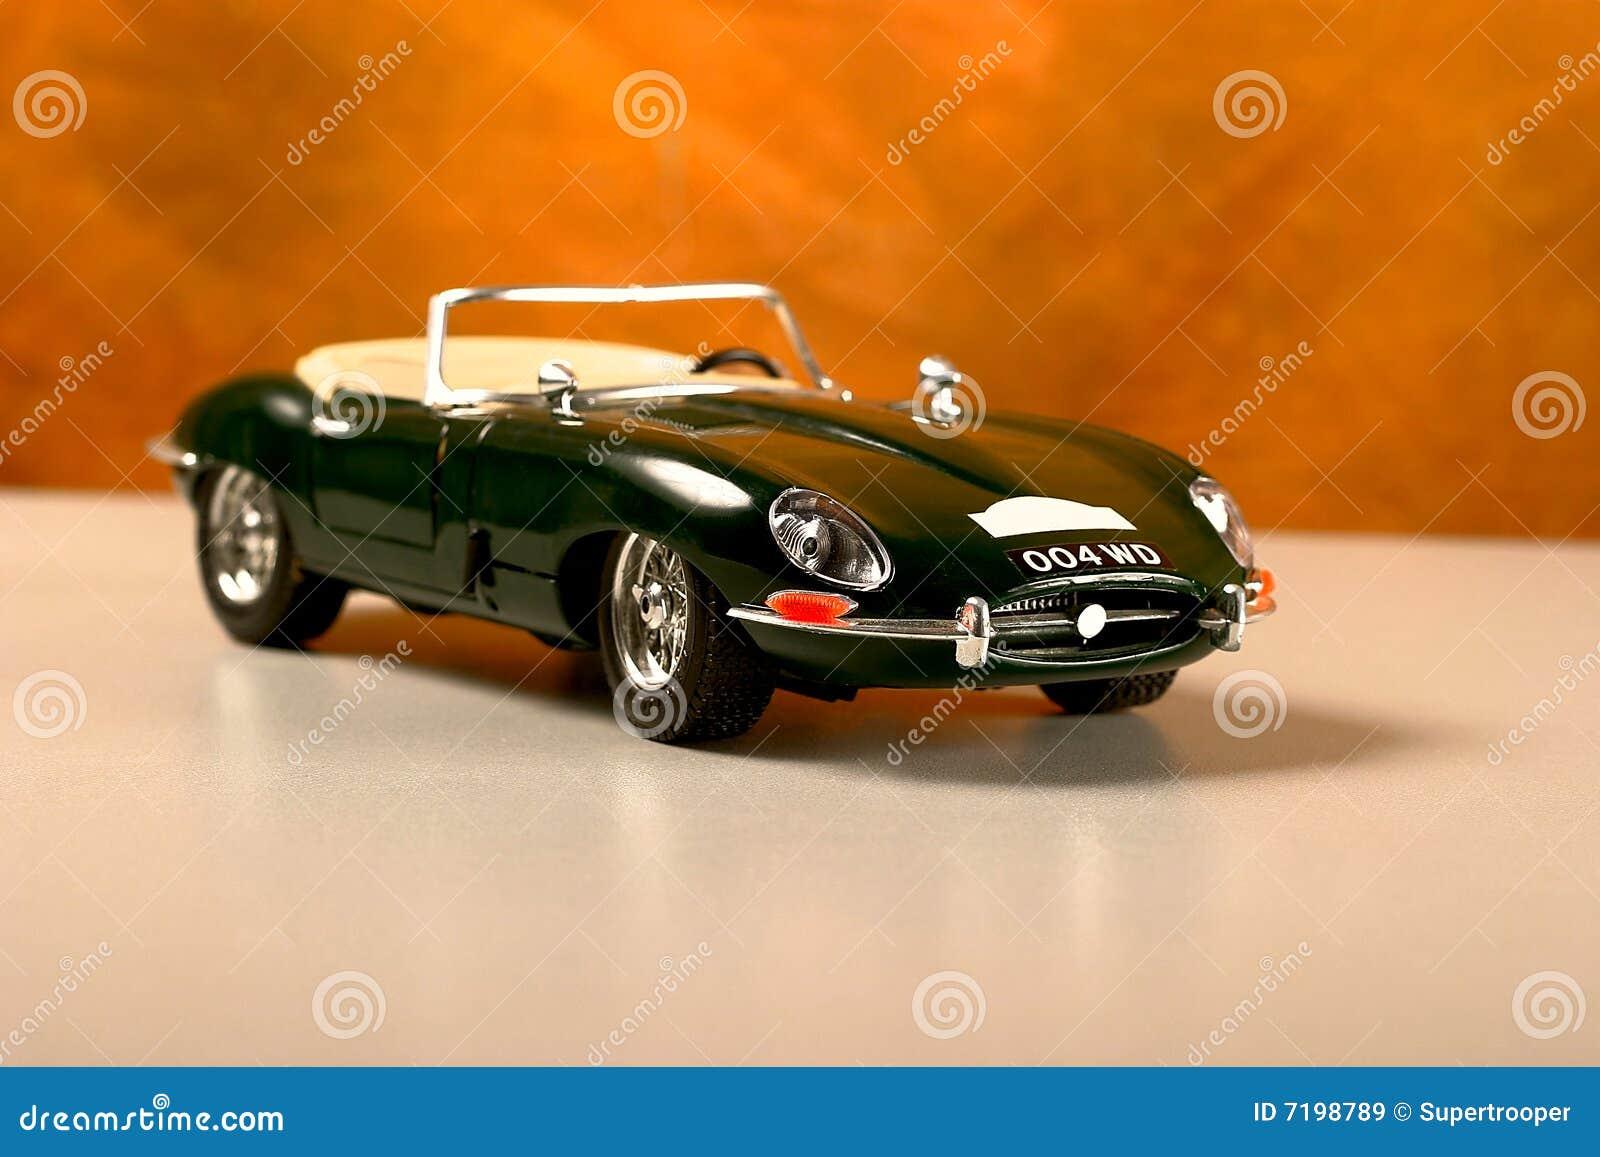 Car model vintage